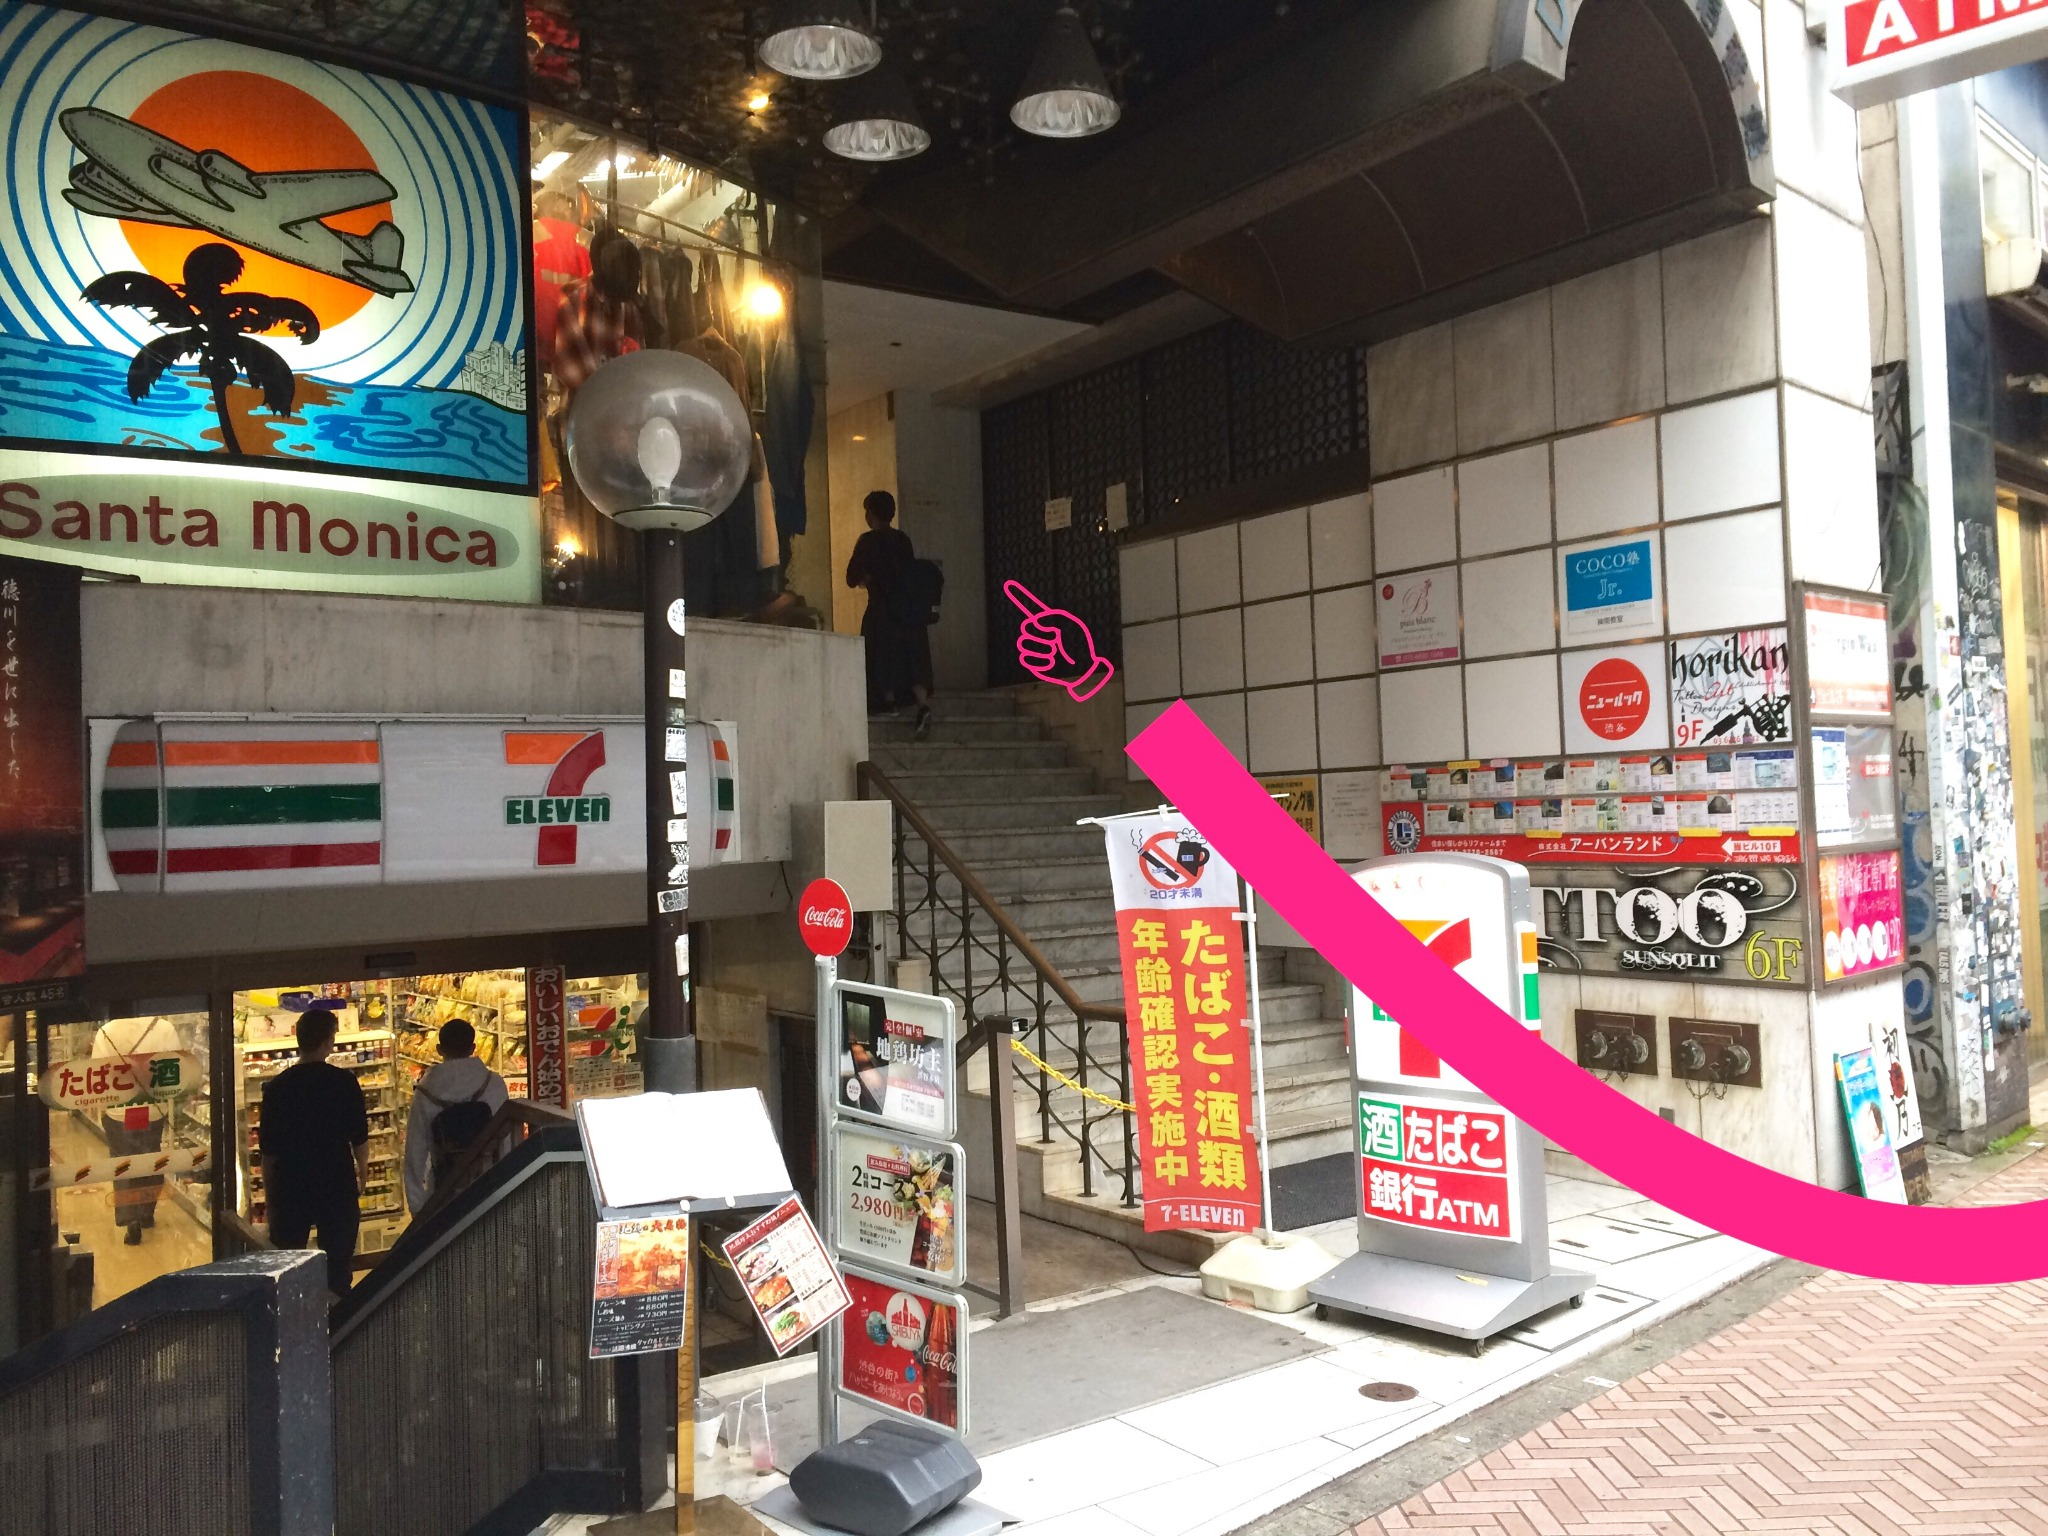 就活占いが人気の婚活もできる占い館BCAFE(ビーカフェ)渋谷店は、ダイネス壱番館渋谷(1階にセブンイレブン)のビル8階です。階段を上った奥の左手にエレベーターがあります。